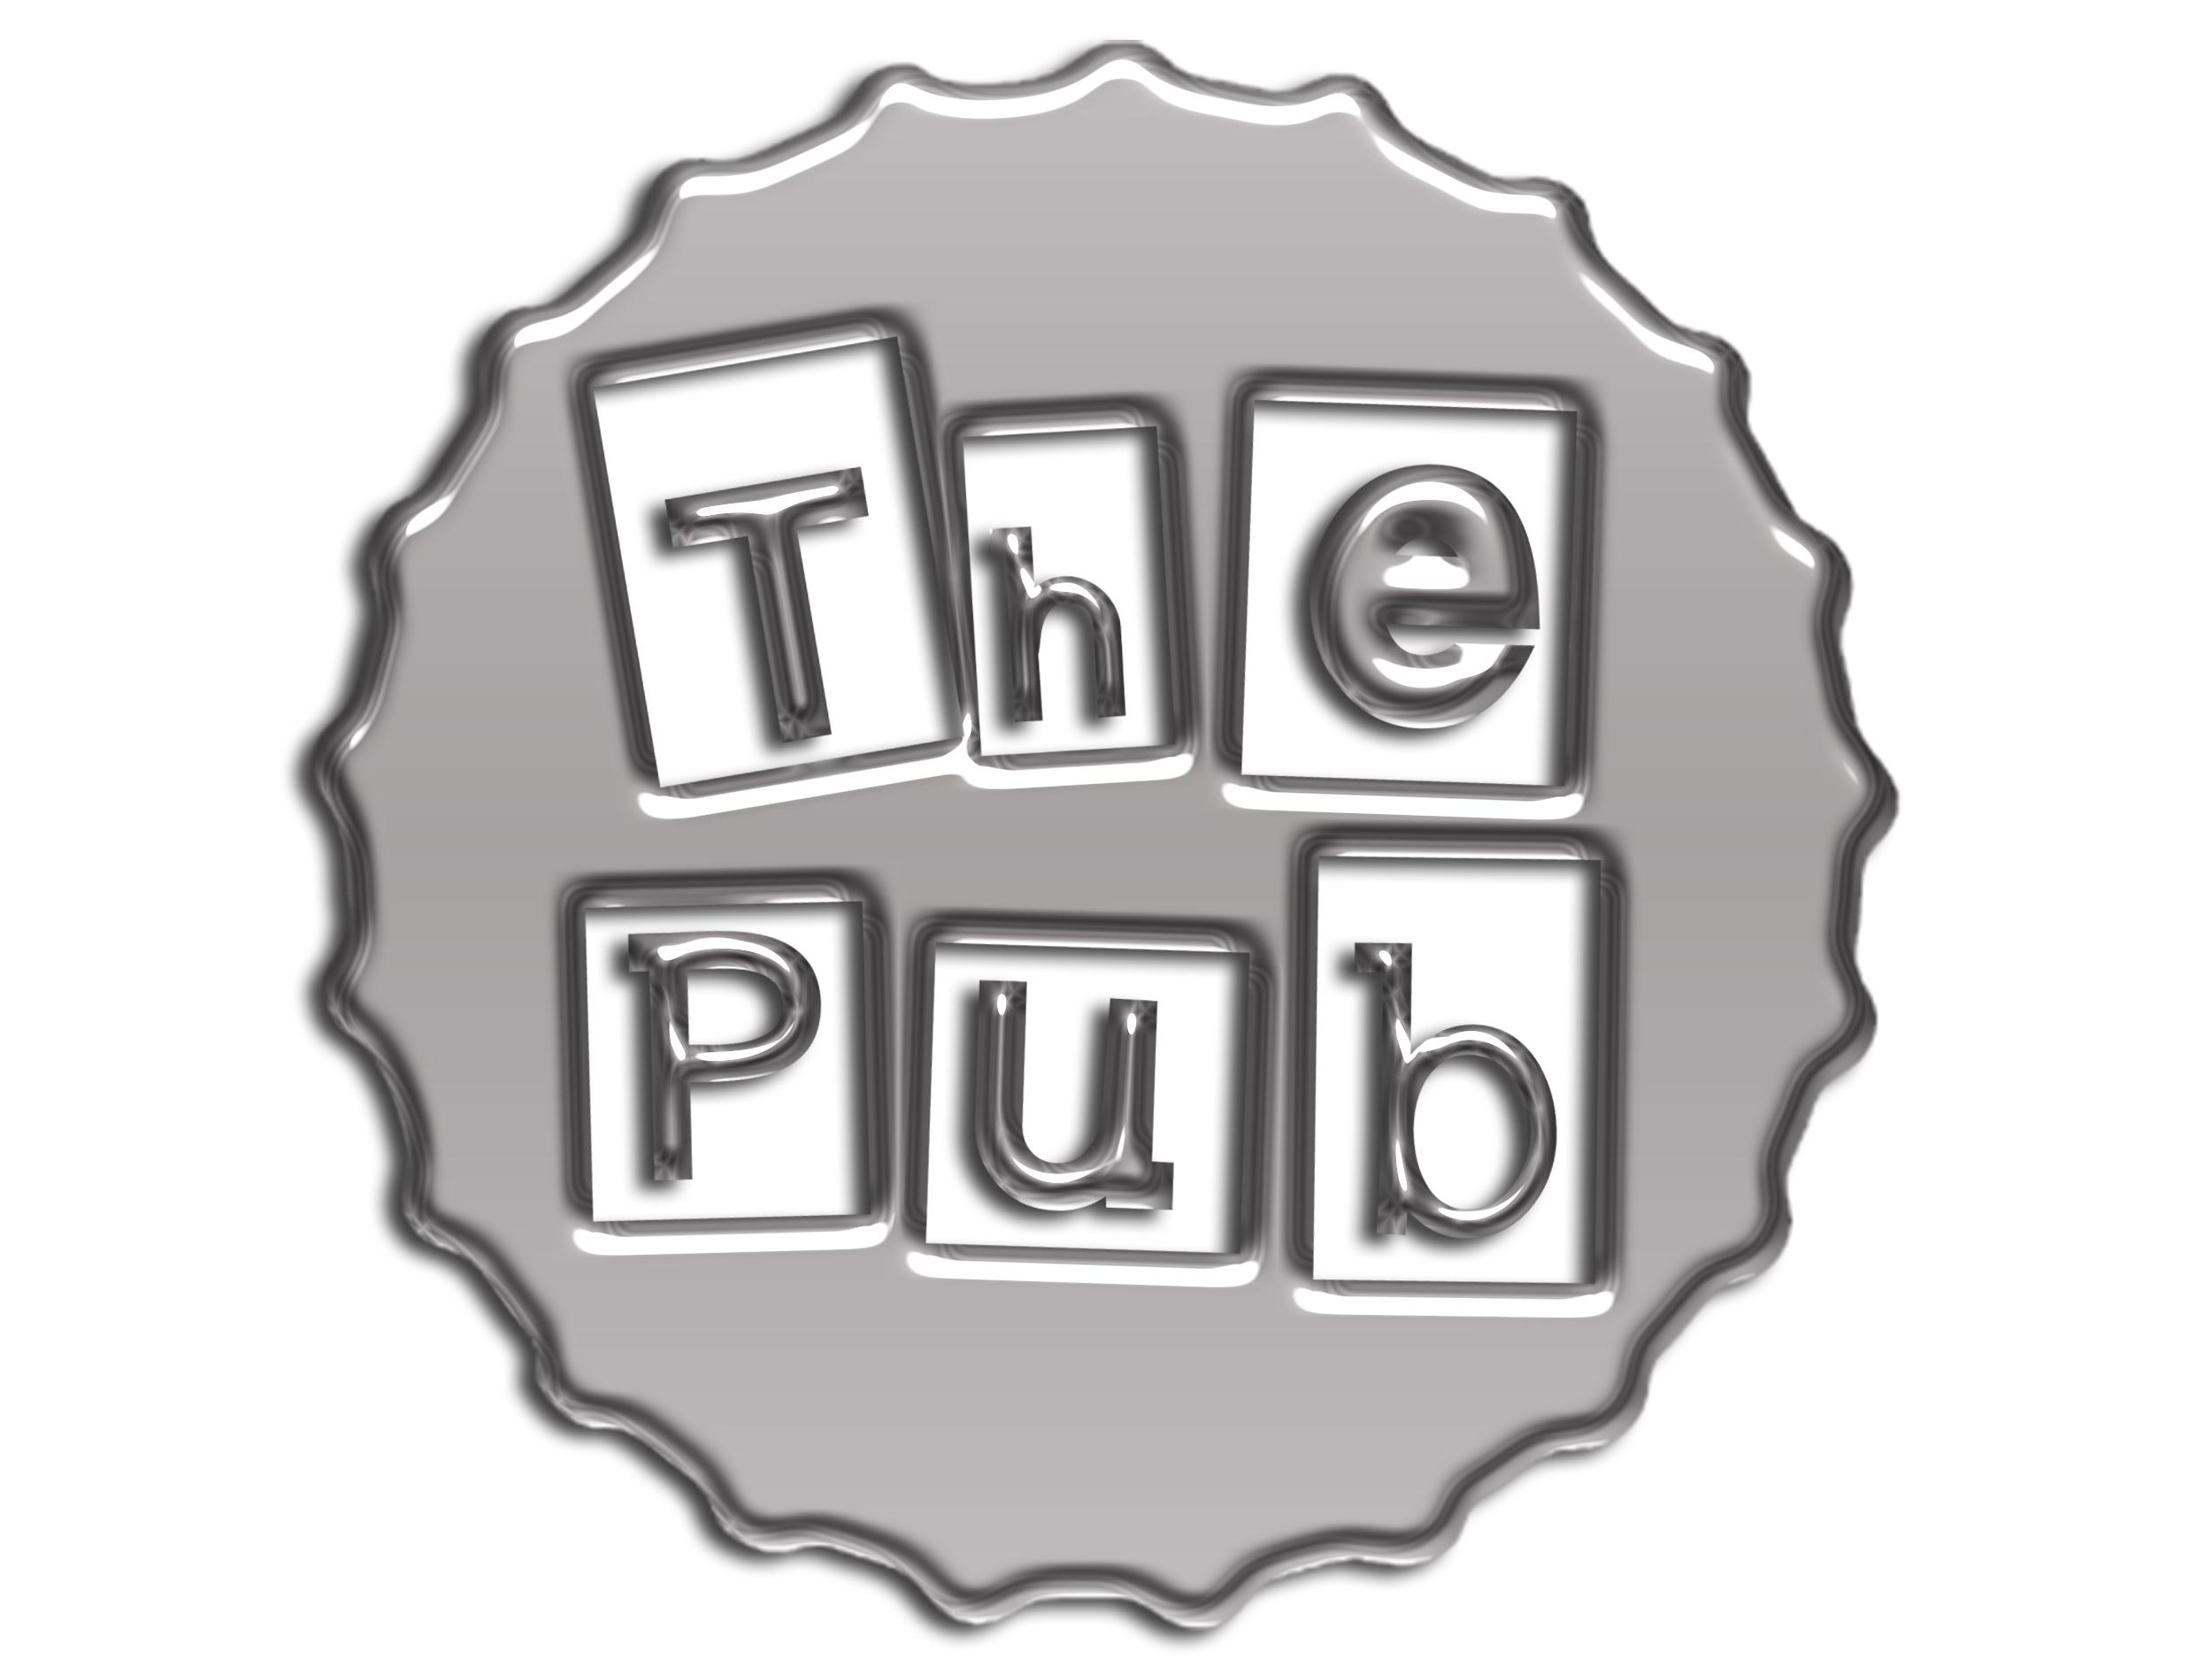 """Разработка логотипа торговой марки """"THEPUB"""" фото f_81151df18389e3d0.jpg"""